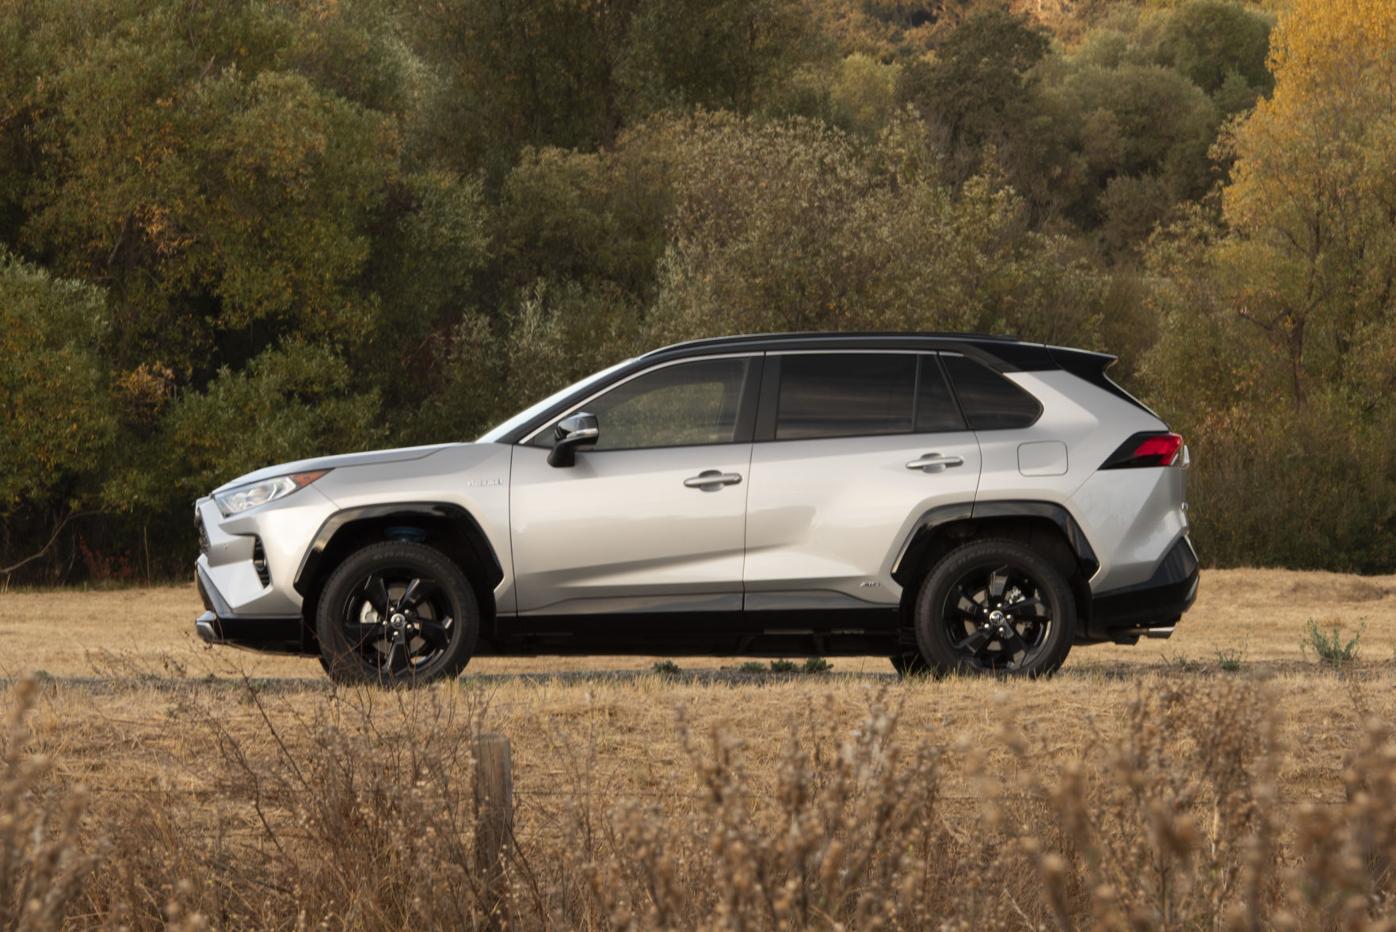 2020_Toyota_RAV4_XSE_HV_SilverSkyMetallic_10.jpg